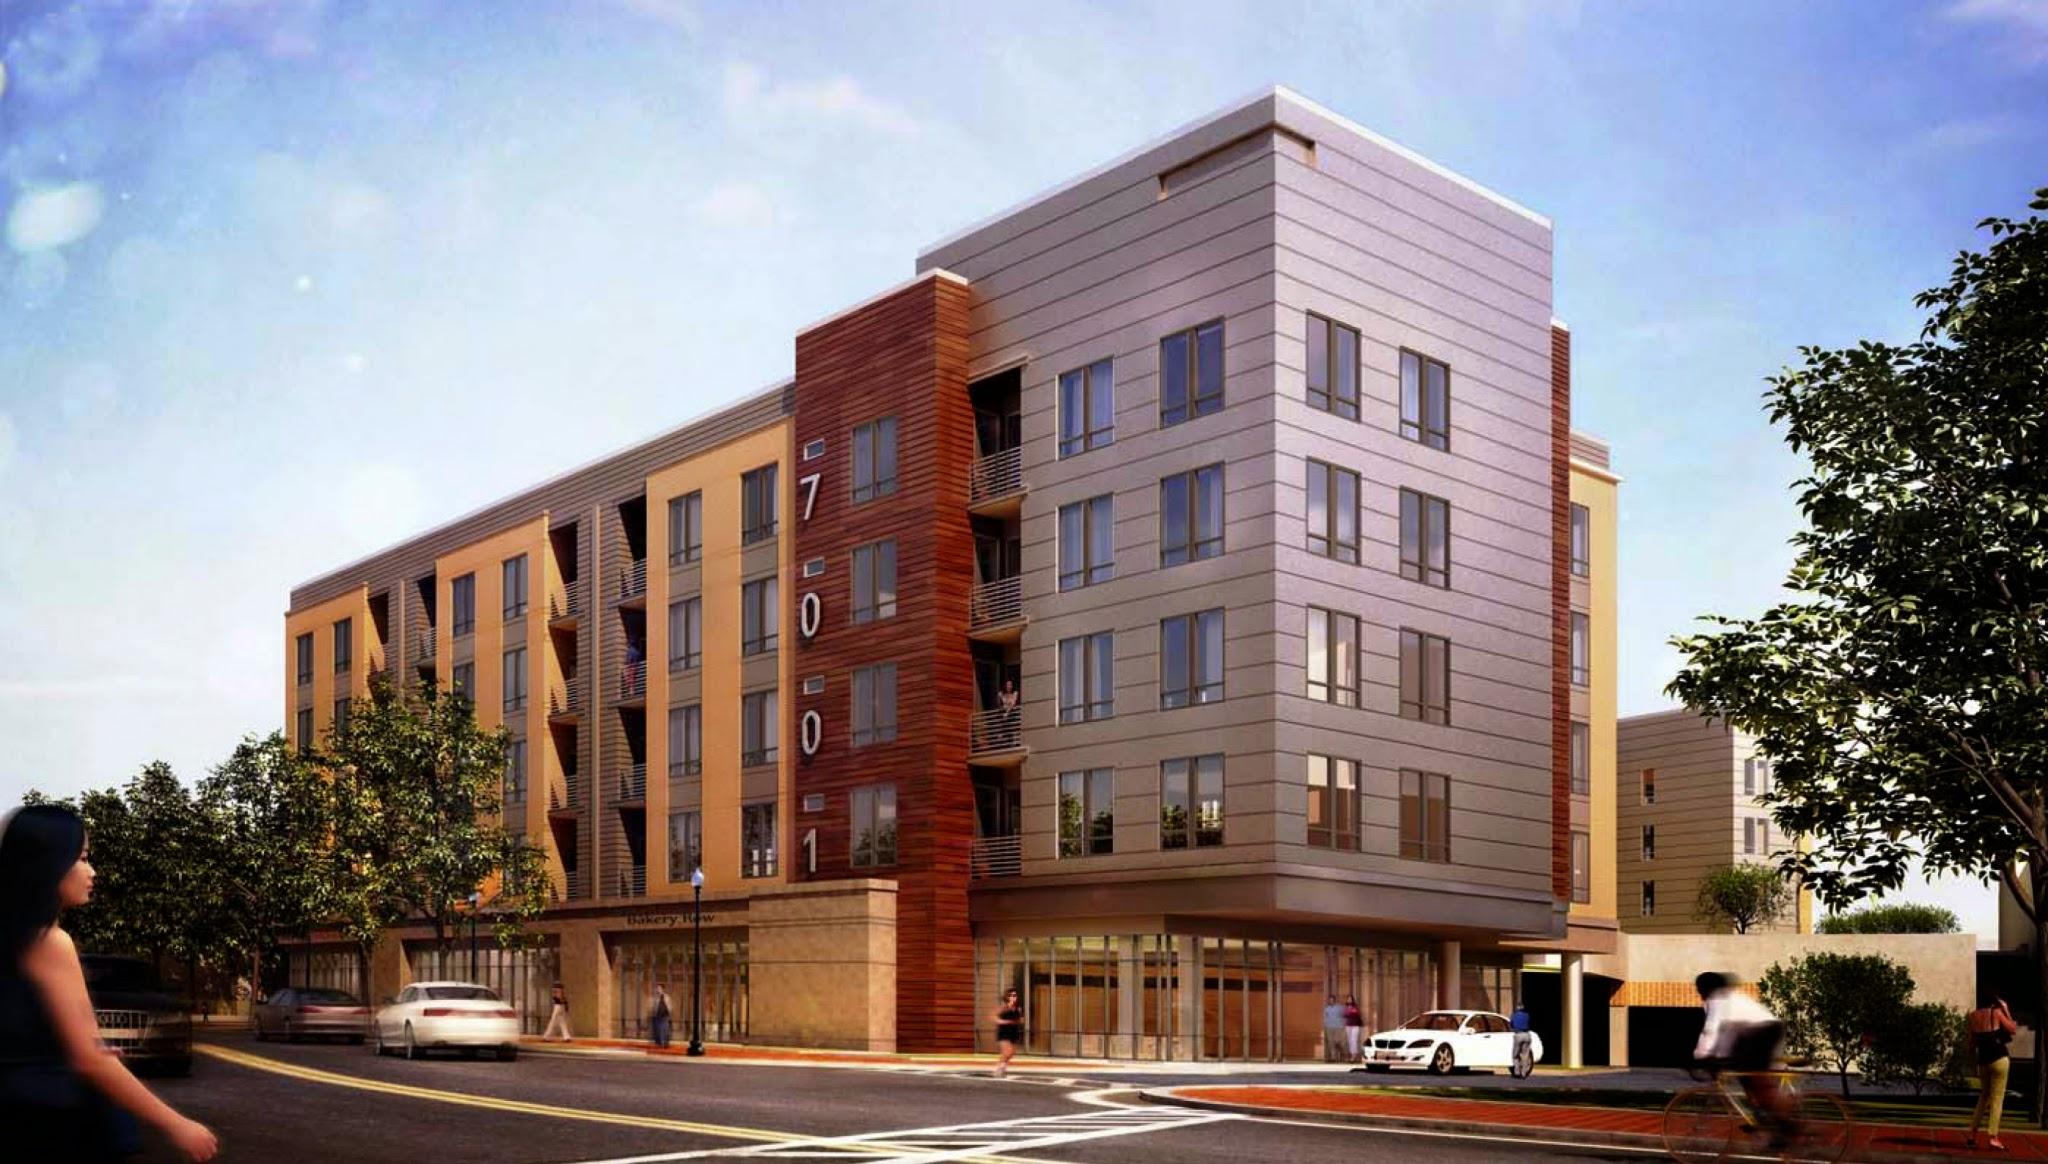 7001 Arlington at Bethesda Apartments image 1